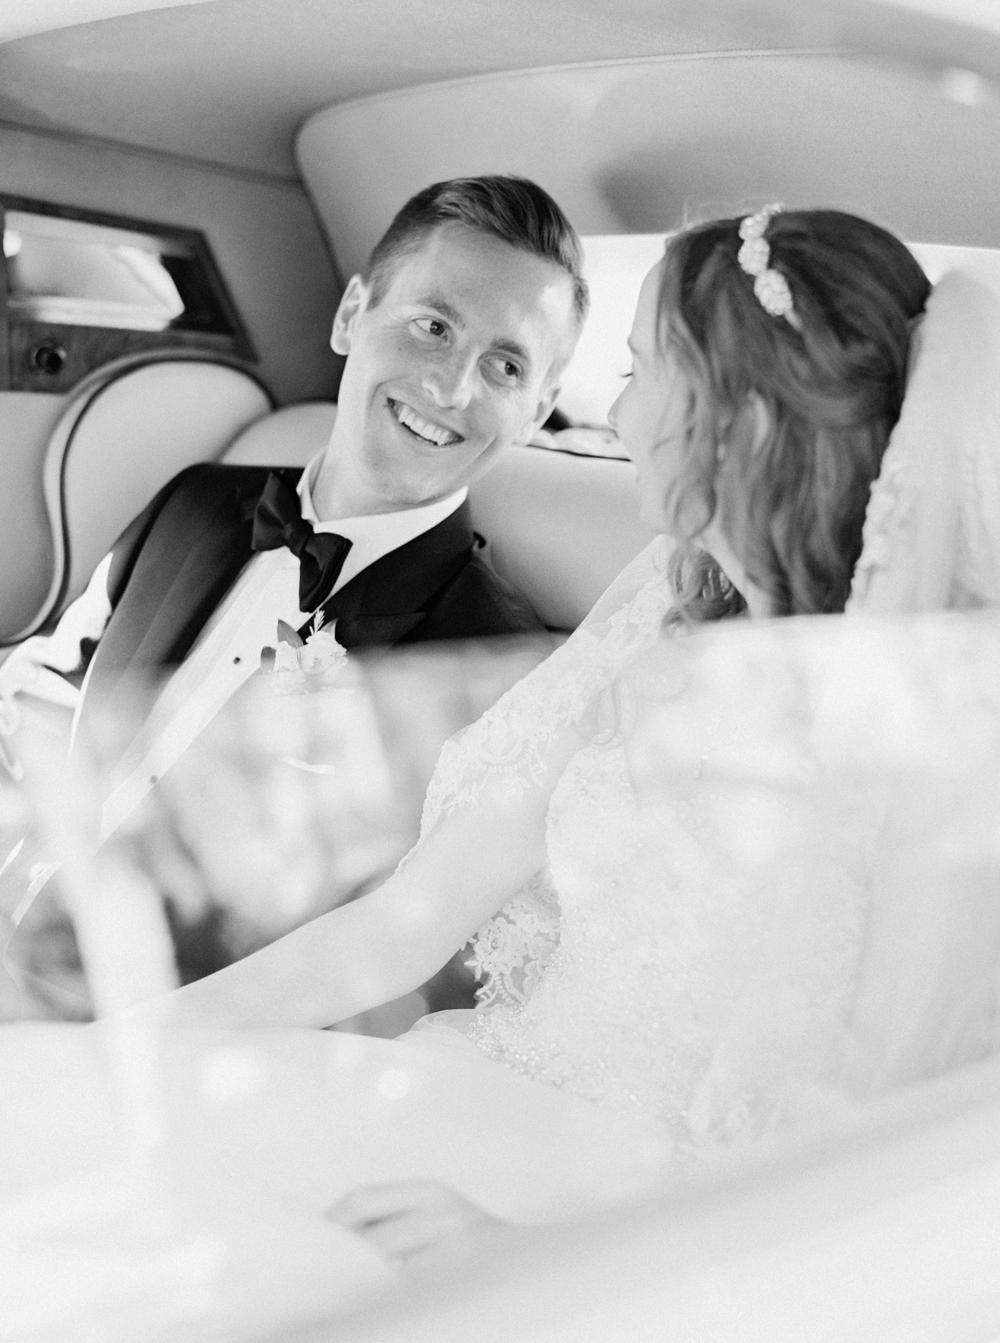 Calgary Wedding Photographer | Canmore Wedding Photographers | Banff Wedding Photography | Fairmont Palliser | Calgary Church | Blue bridesmaids | Vintage Car